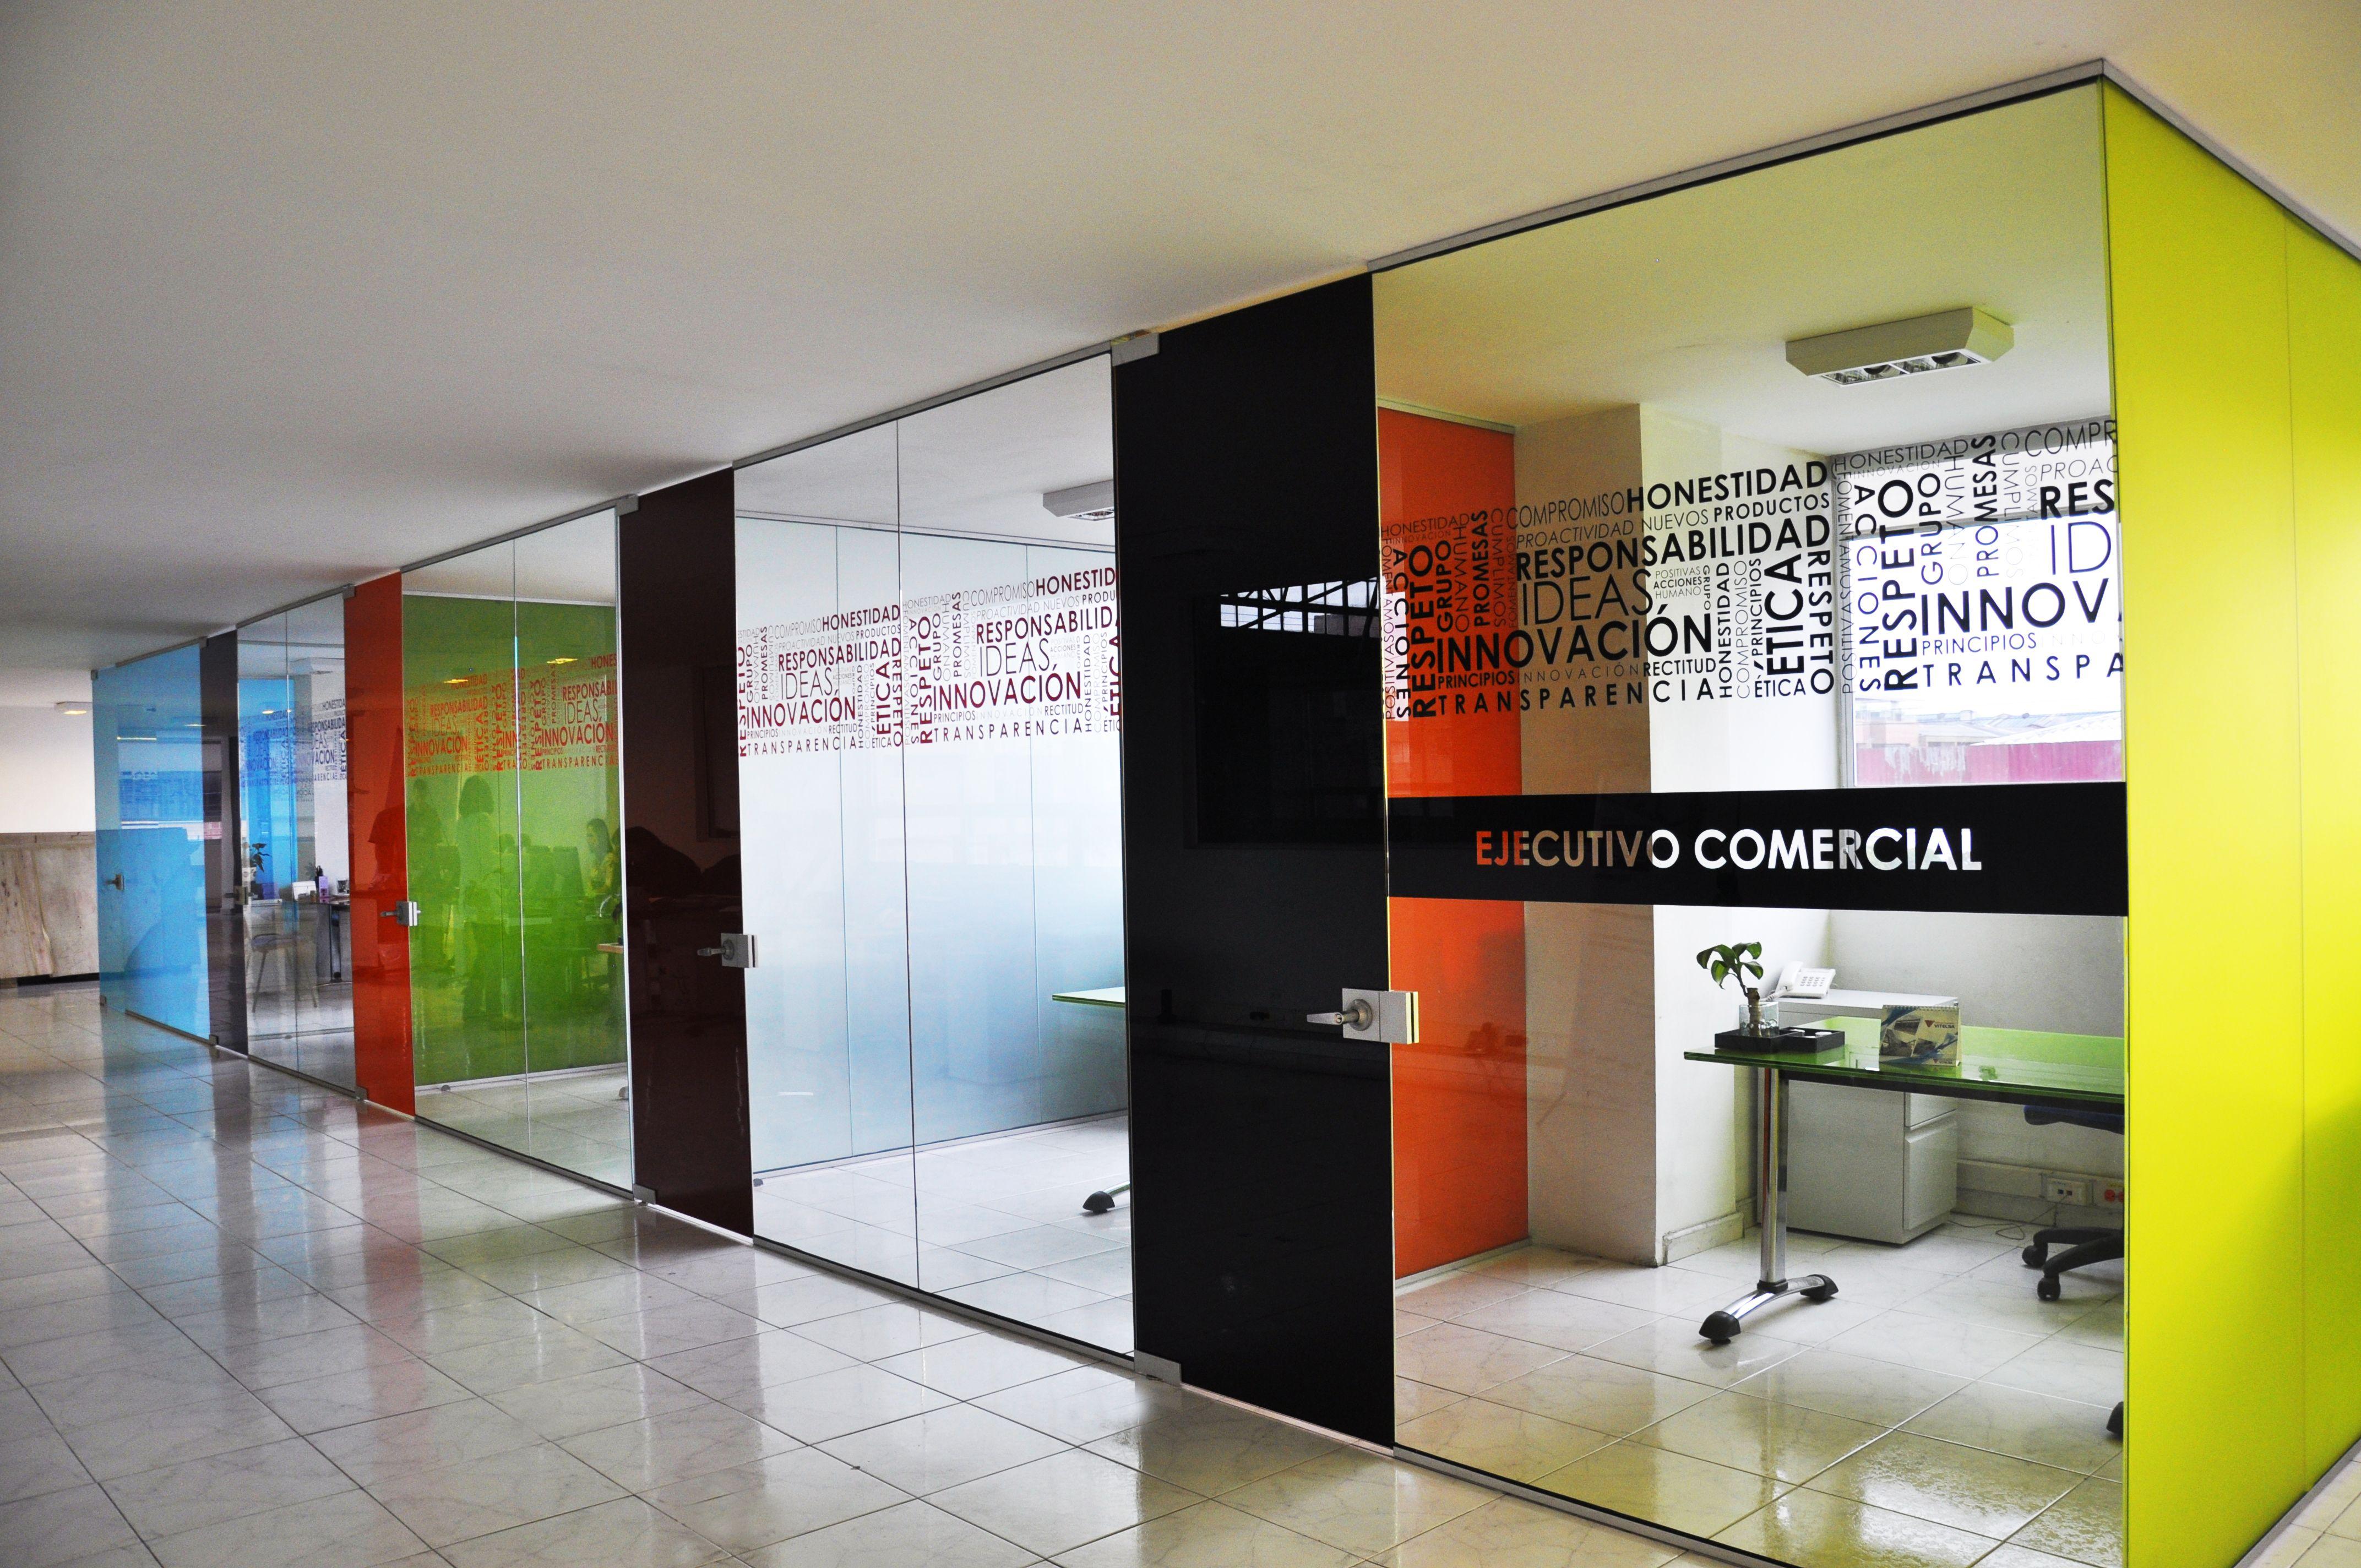 Divisiones de oficina piso techo o media altura con for Divisiones de oficina